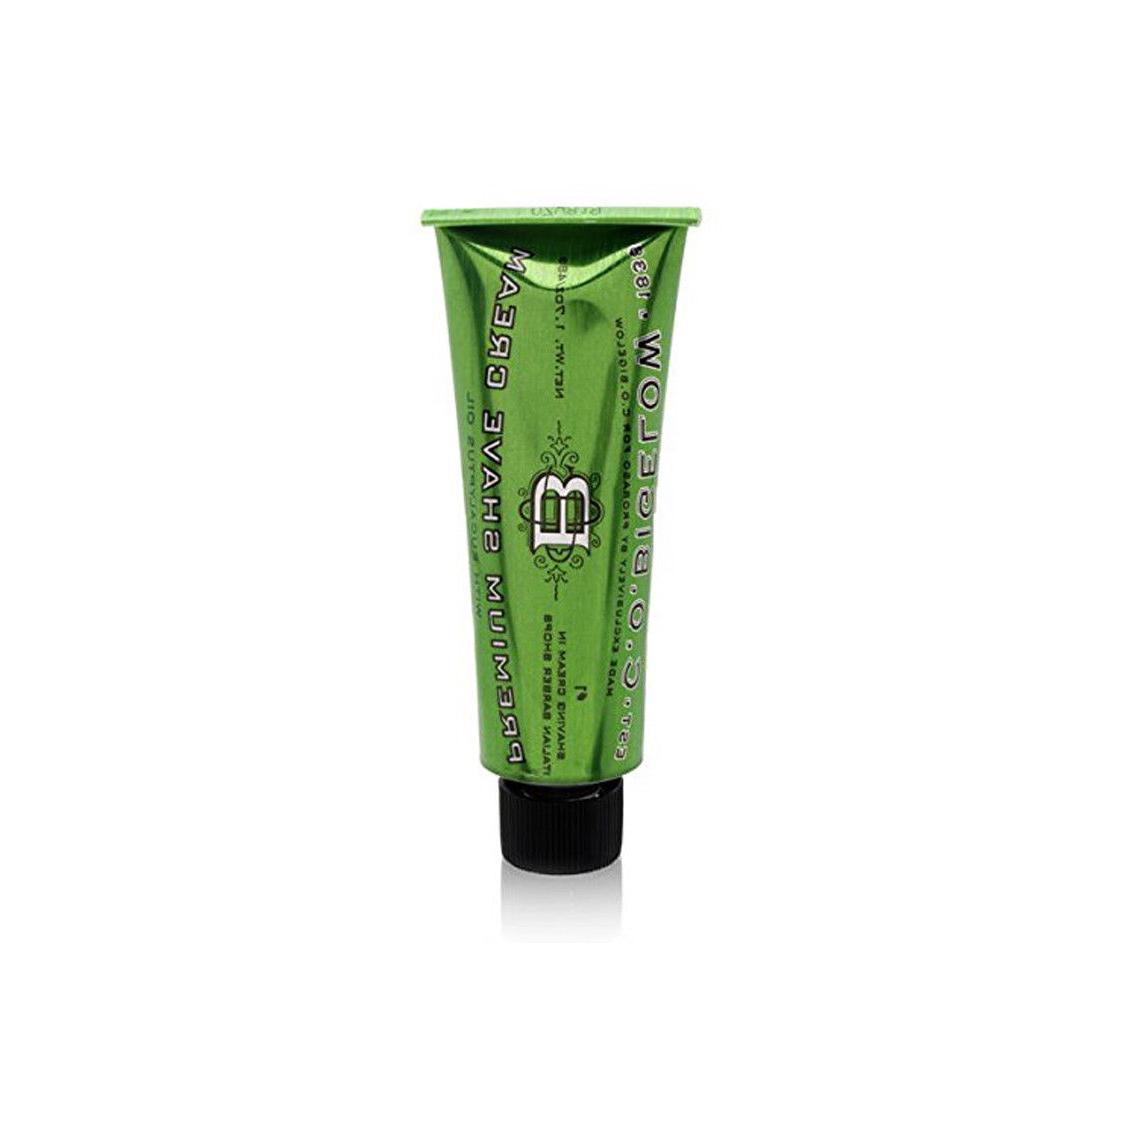 c o bigelow premium shaving cream 1